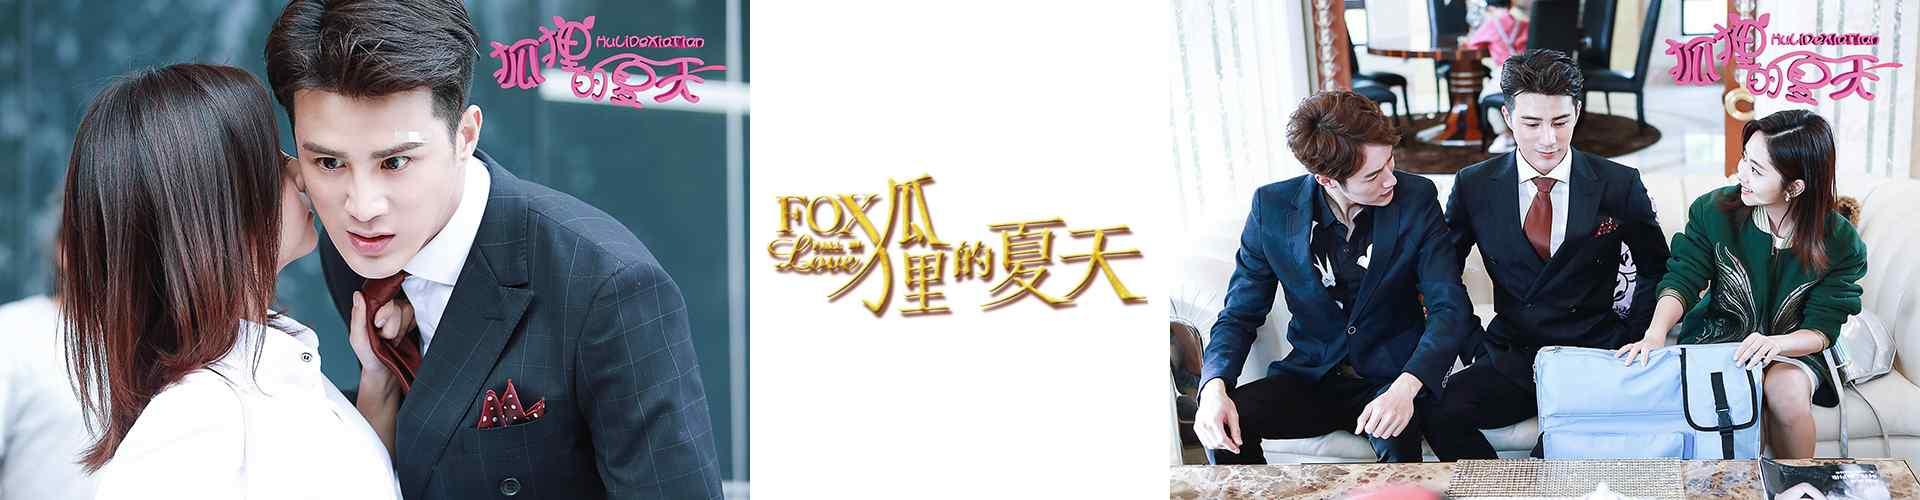 狐狸的夏天_狐狸的夏天剧照图片_姜潮图片_谭松韵图片_张鑫图片_影视壁纸